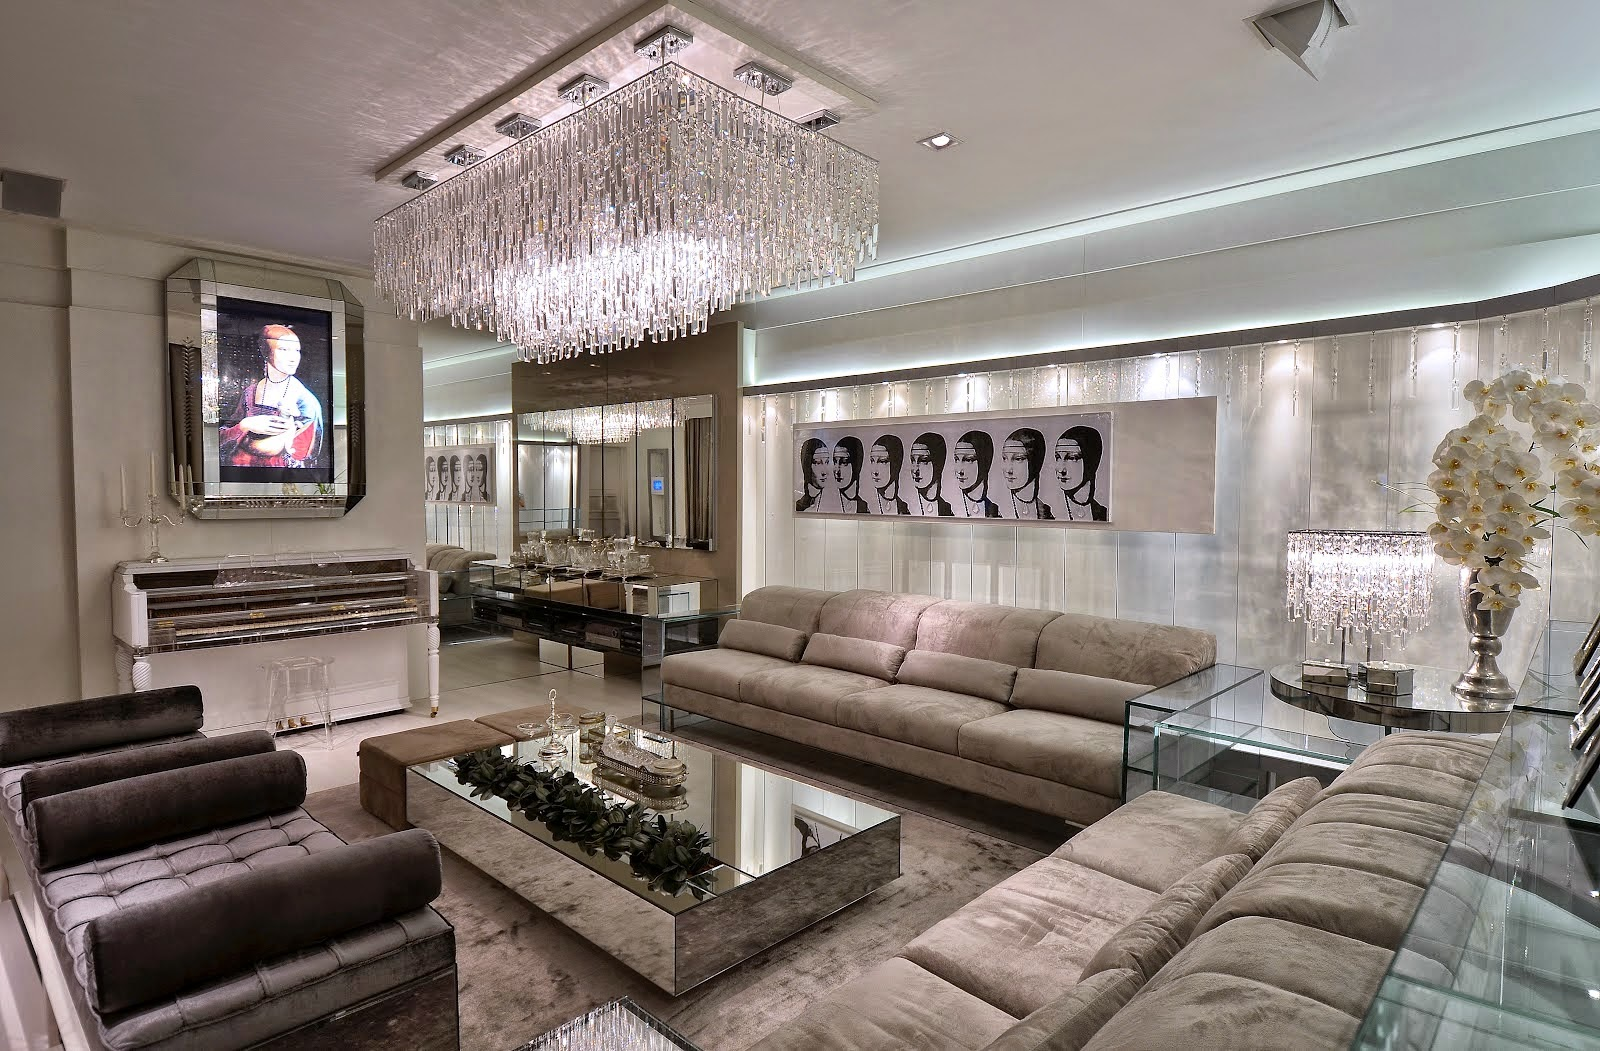 #322823 Living com plafon de cristais. A mesa de centro espelhada reflete  1600x1051 px projeto de quarto com banheiro e varanda